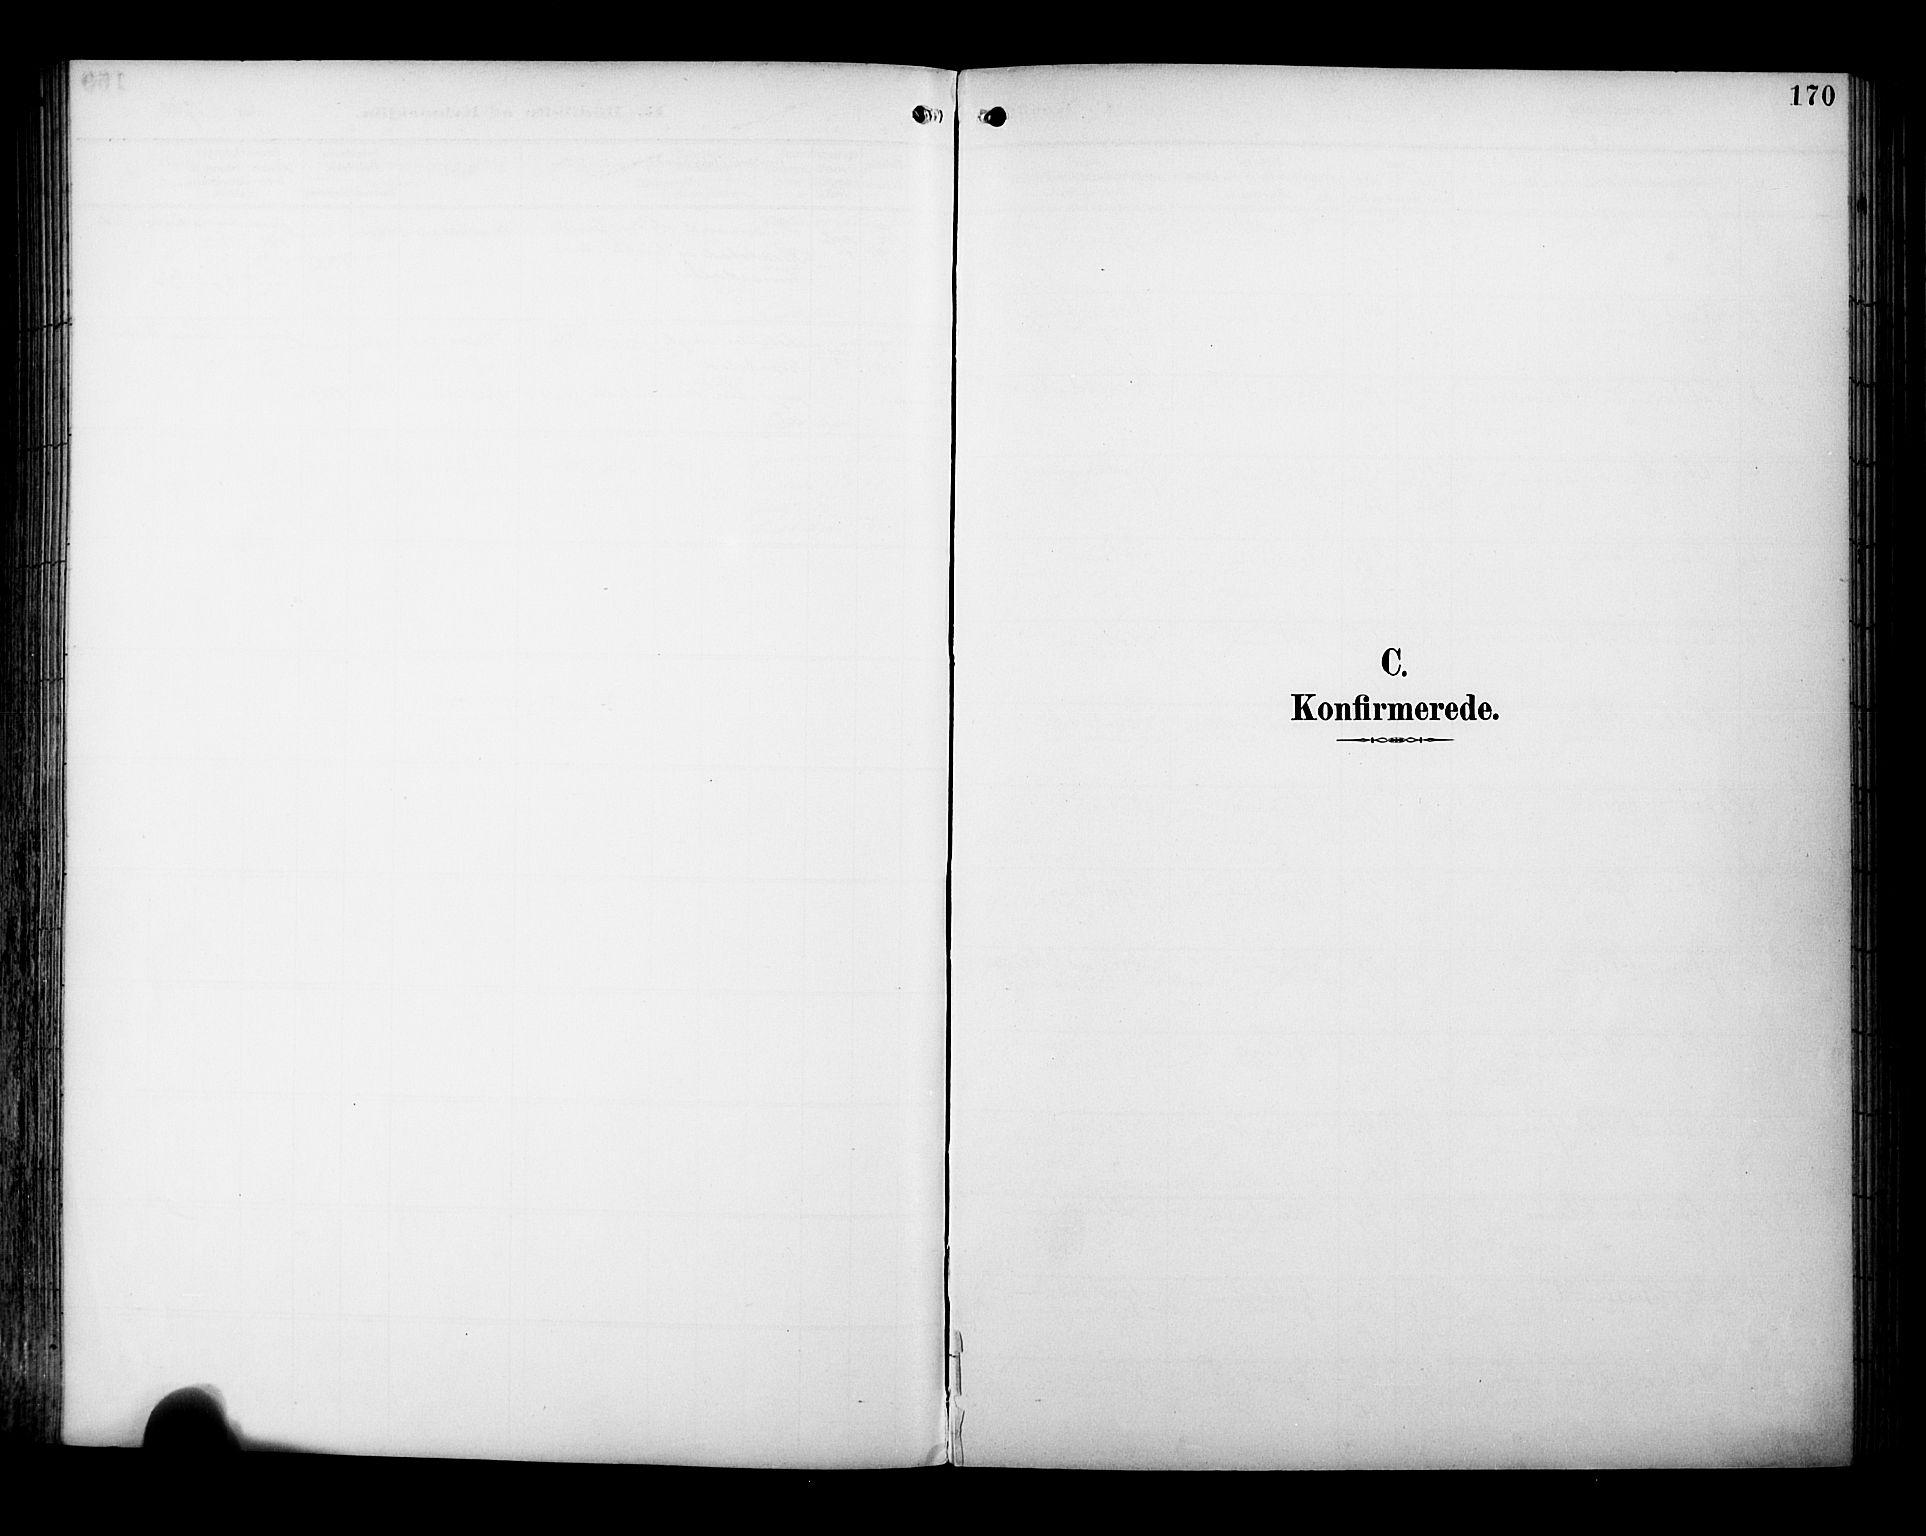 SAT, Ministerialprotokoller, klokkerbøker og fødselsregistre - Sør-Trøndelag, 695/L1149: Ministerialbok nr. 695A09, 1891-1902, s. 170